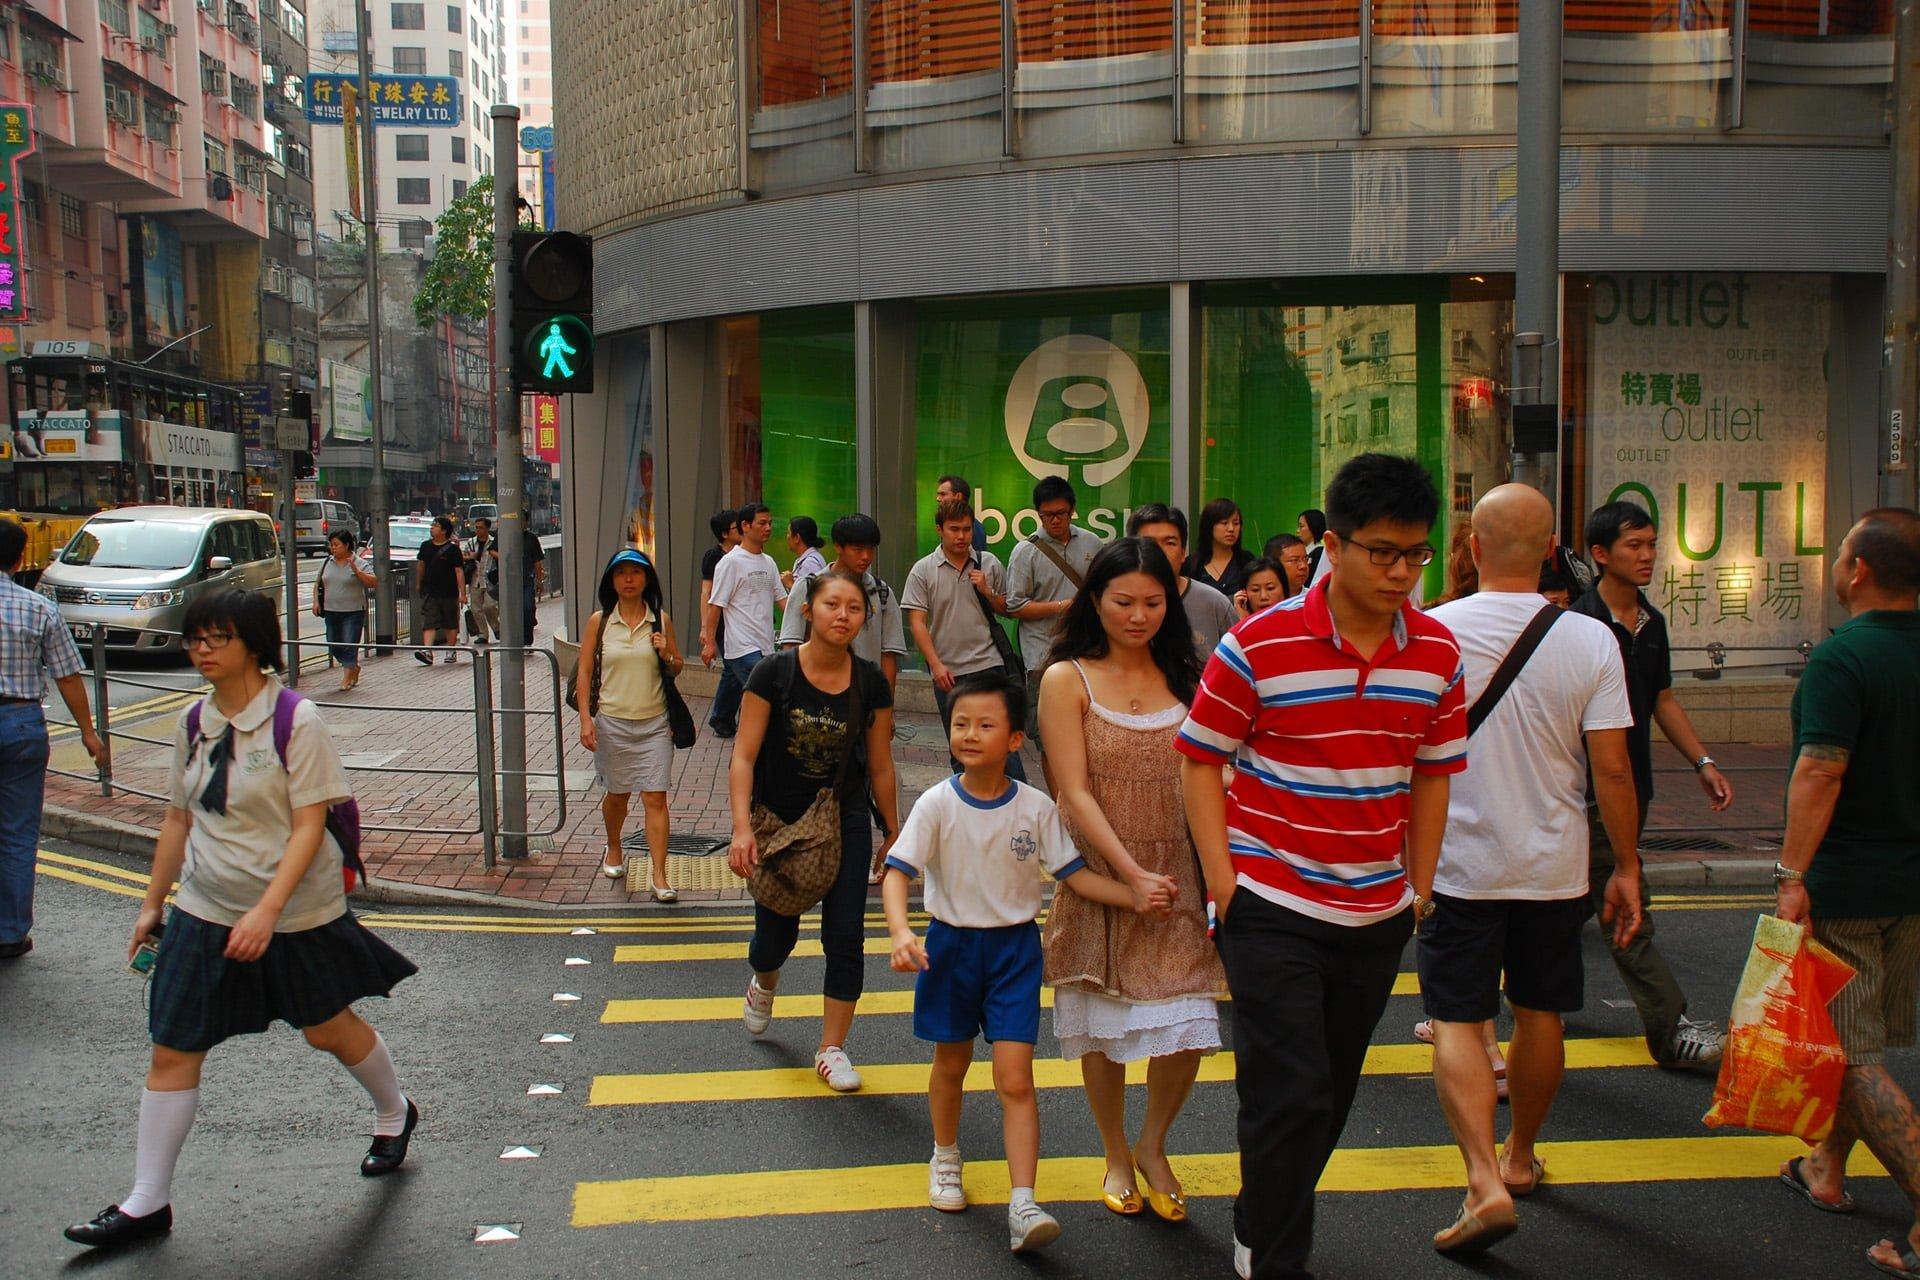 hong kong görüntüsü